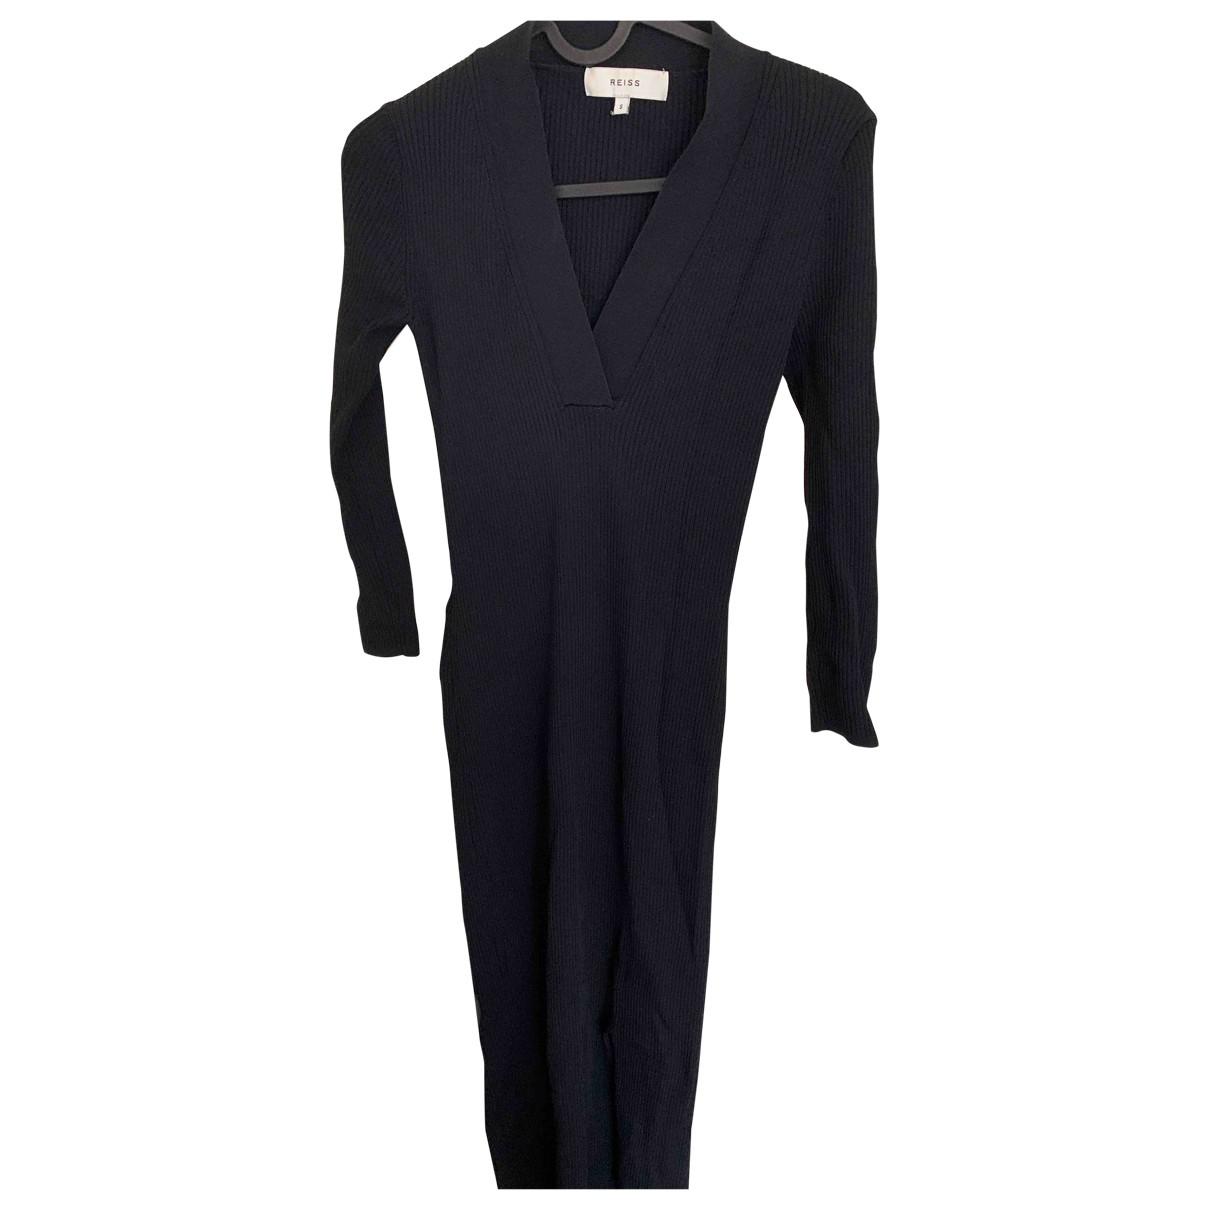 Reiss \N Kleid in  Schwarz Wolle